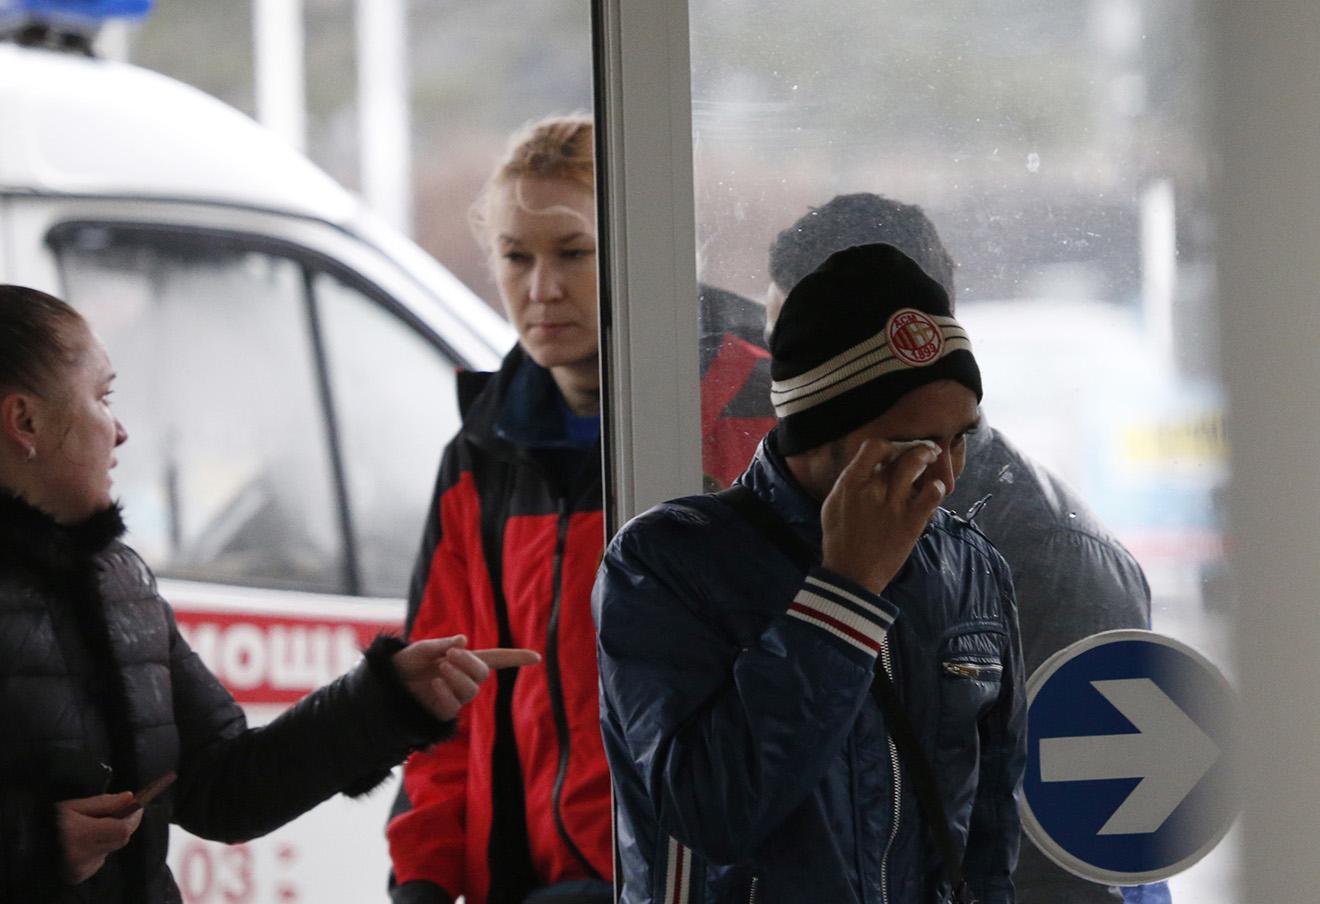 Родственники погибших в аэропорту Ростова-на-Дону 19 марта 2016 года.